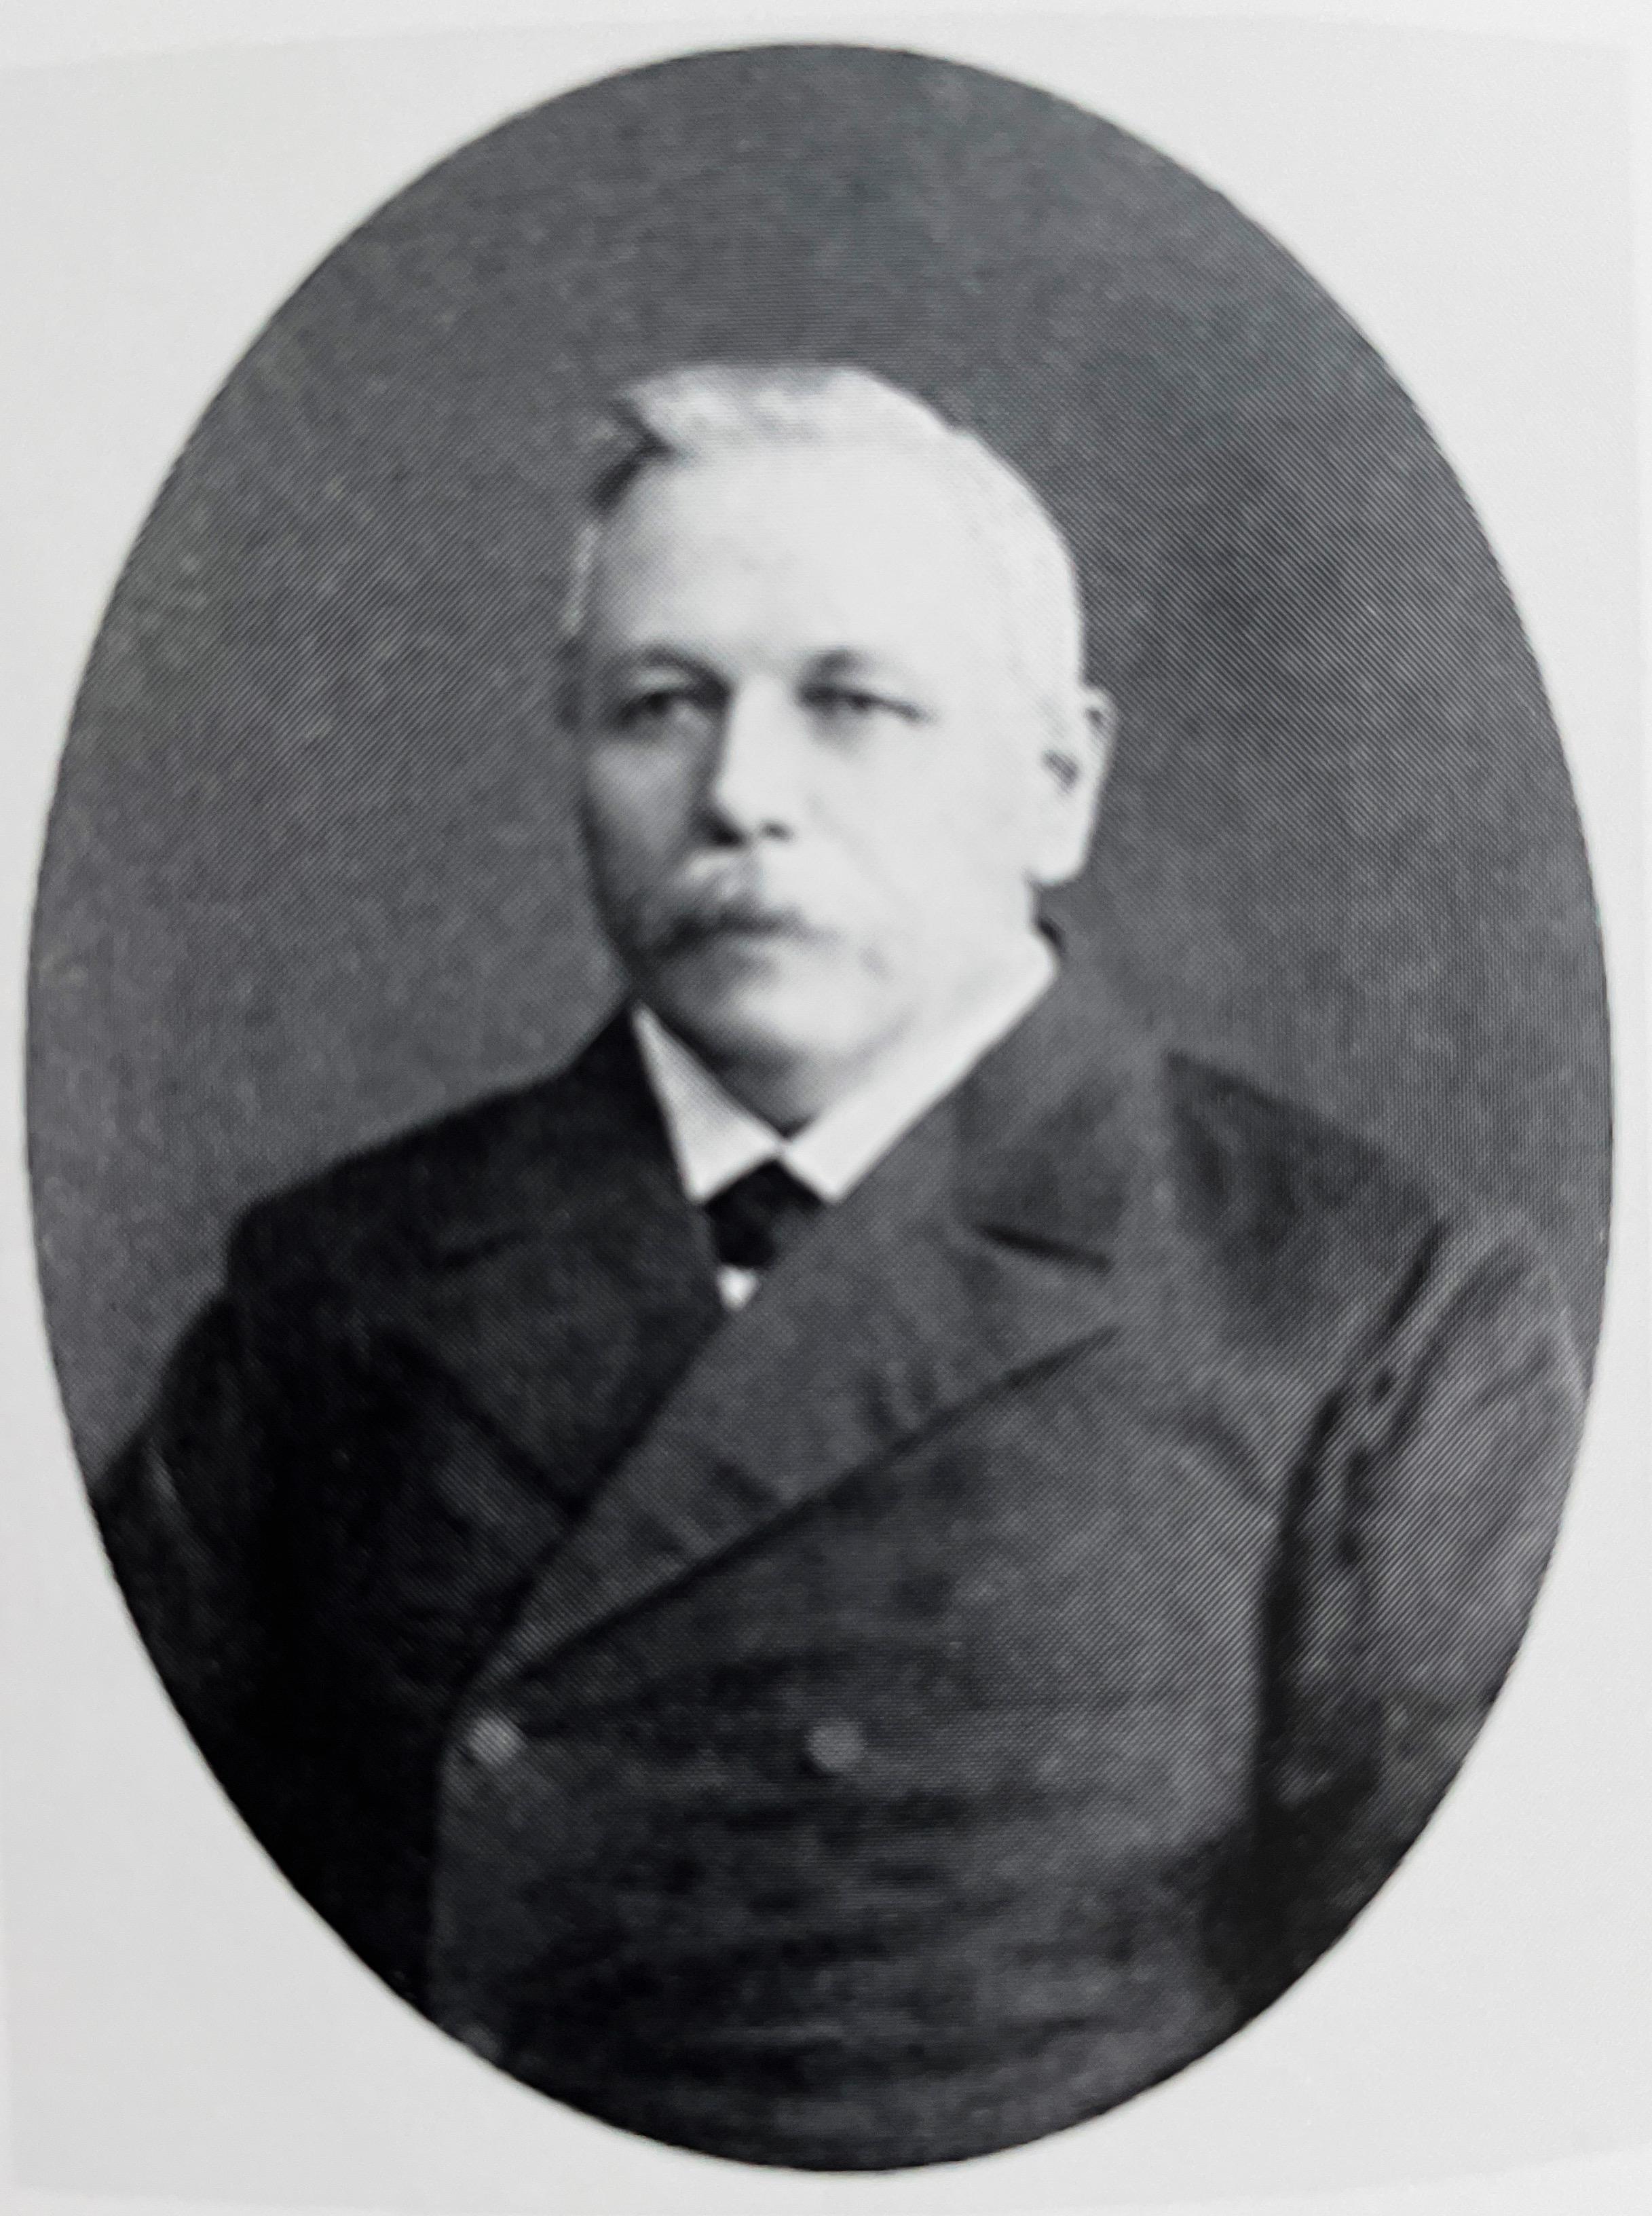 Spälti Johann Jakob 1830